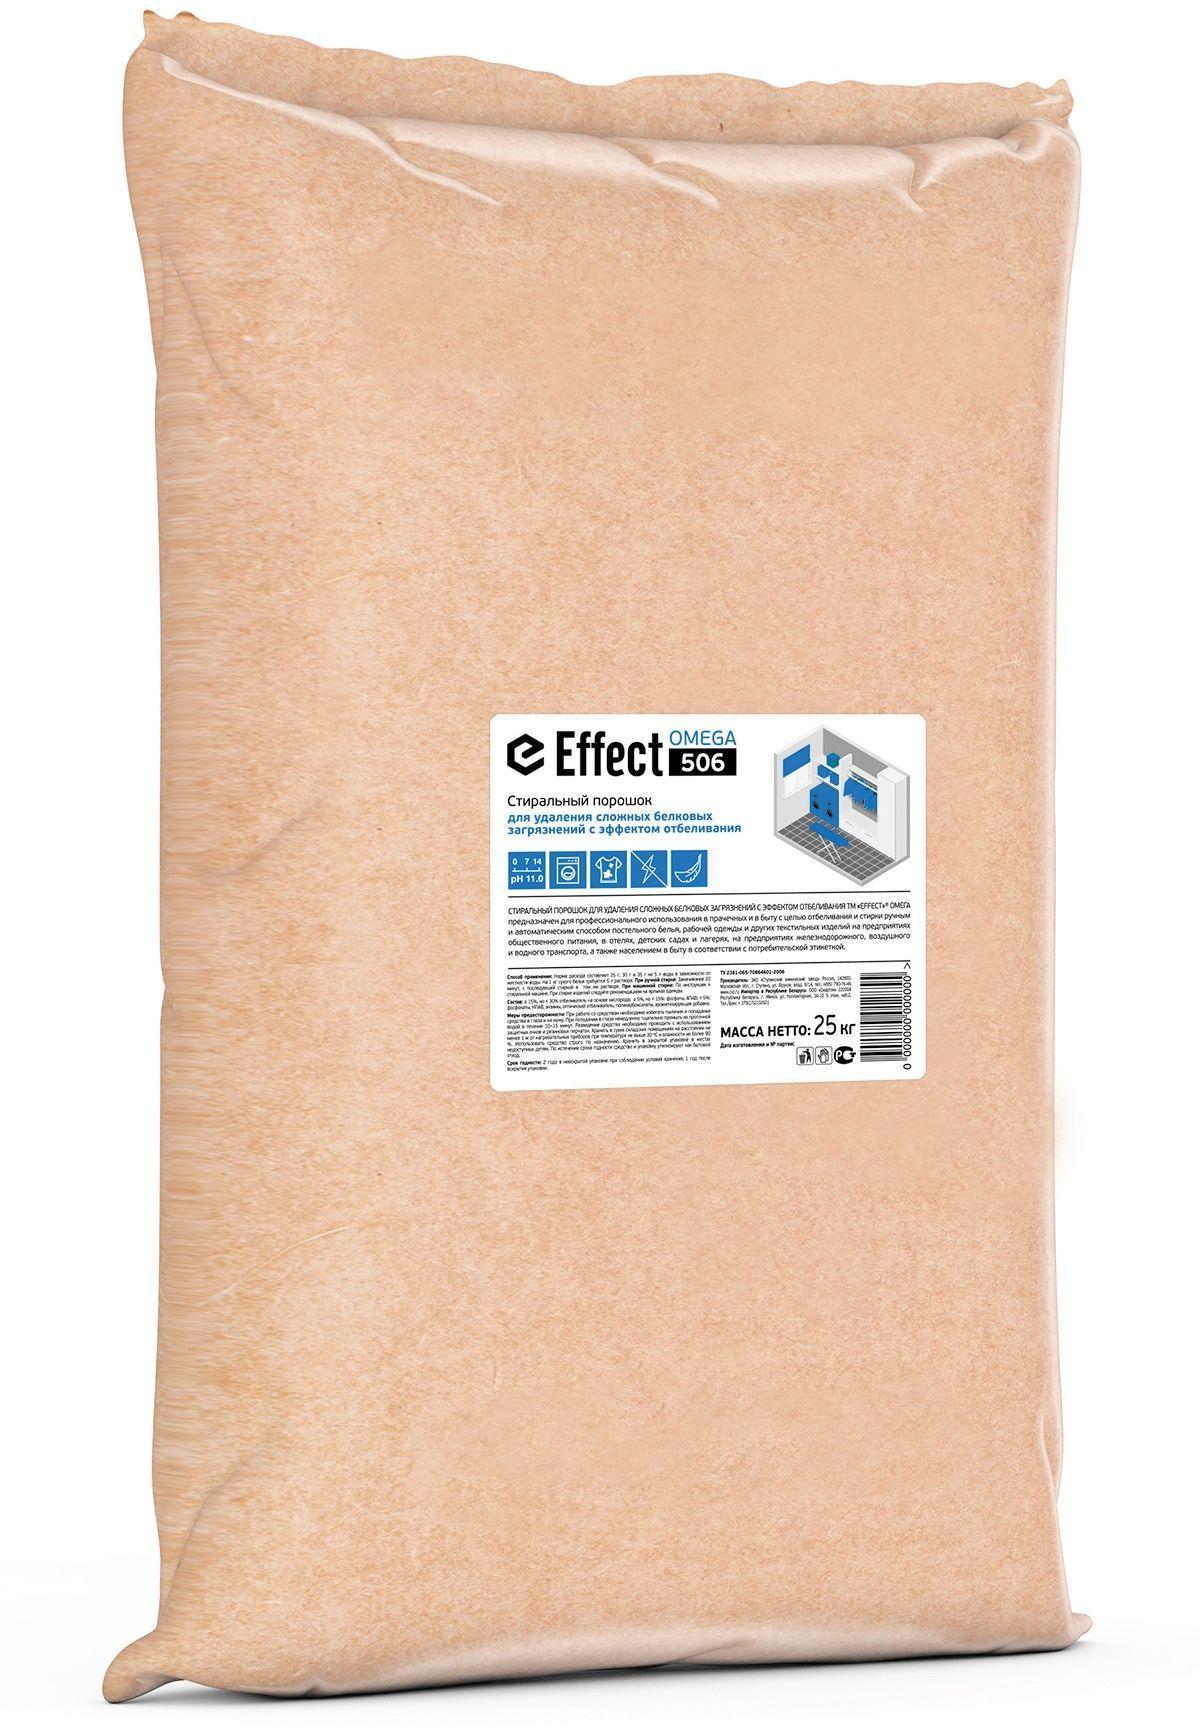 Порошок стиральный Effect, профессиональный, для удаления сложных белковых загрязнений, с эффектом отбеливания, 25 кг14308Стиральный порошок для удаления сложных белковых загрязнений с эффектом отбеливания предназначен для профессионального использования в прачечных и в быту с целью отбеливания и стирки ручным и автоматическим способом постельного белья, рабочей одежды и других текстильных изделий на предприятиях общественного питания, в отелях, детских садах и лагерях, на предприятиях железнодорожного, воздушного и водного транспорта, а также населением в быту. Состав:? 15 %, ноароматизирующая добавка.